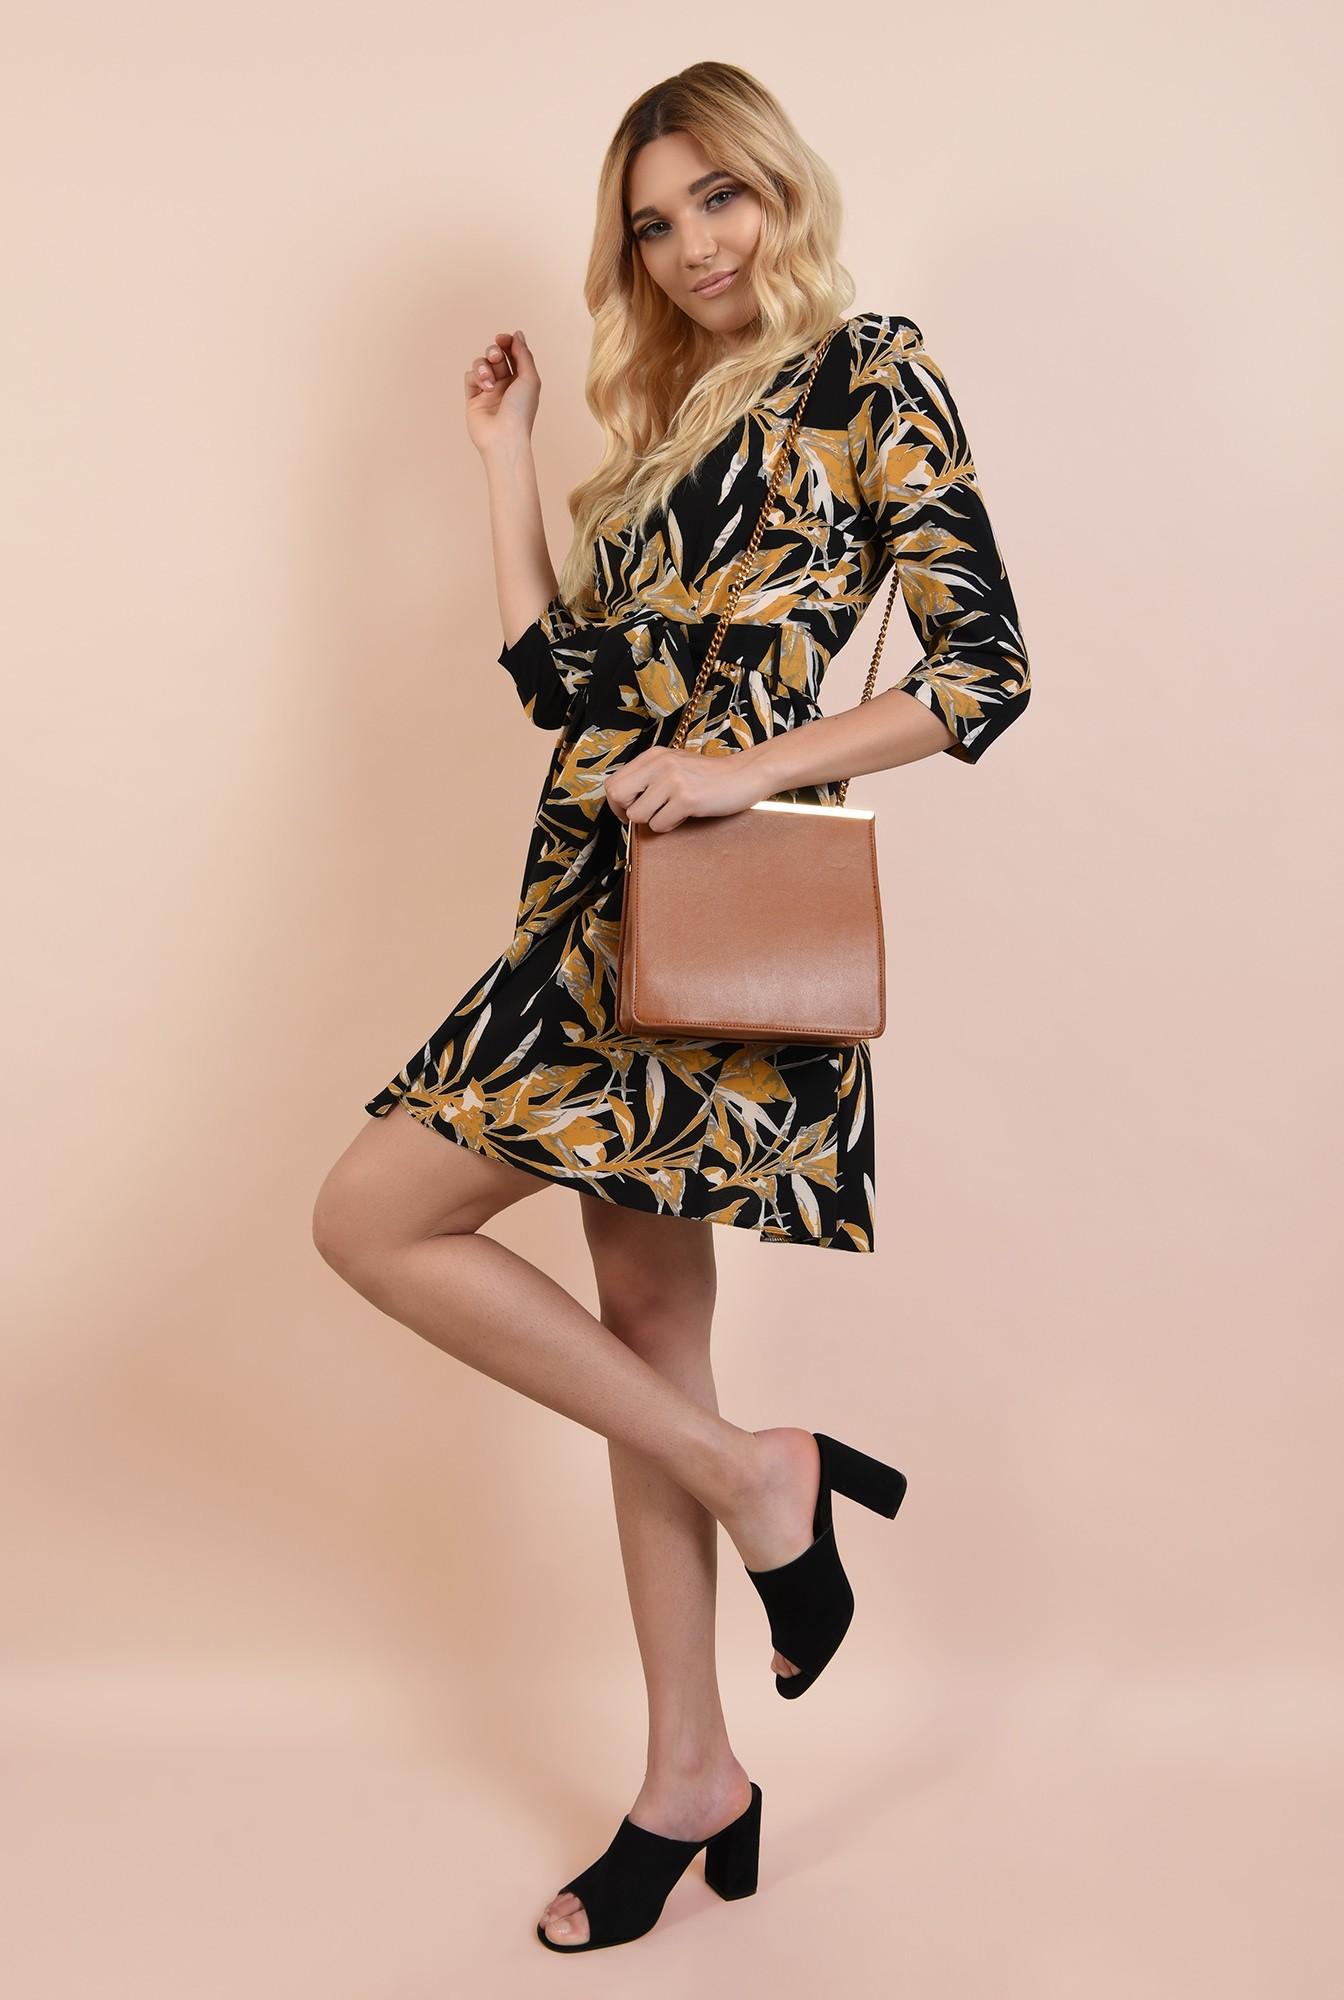 3 - 360 - rochie casual, scurta, cu print floral, anchior petrecut, Poema